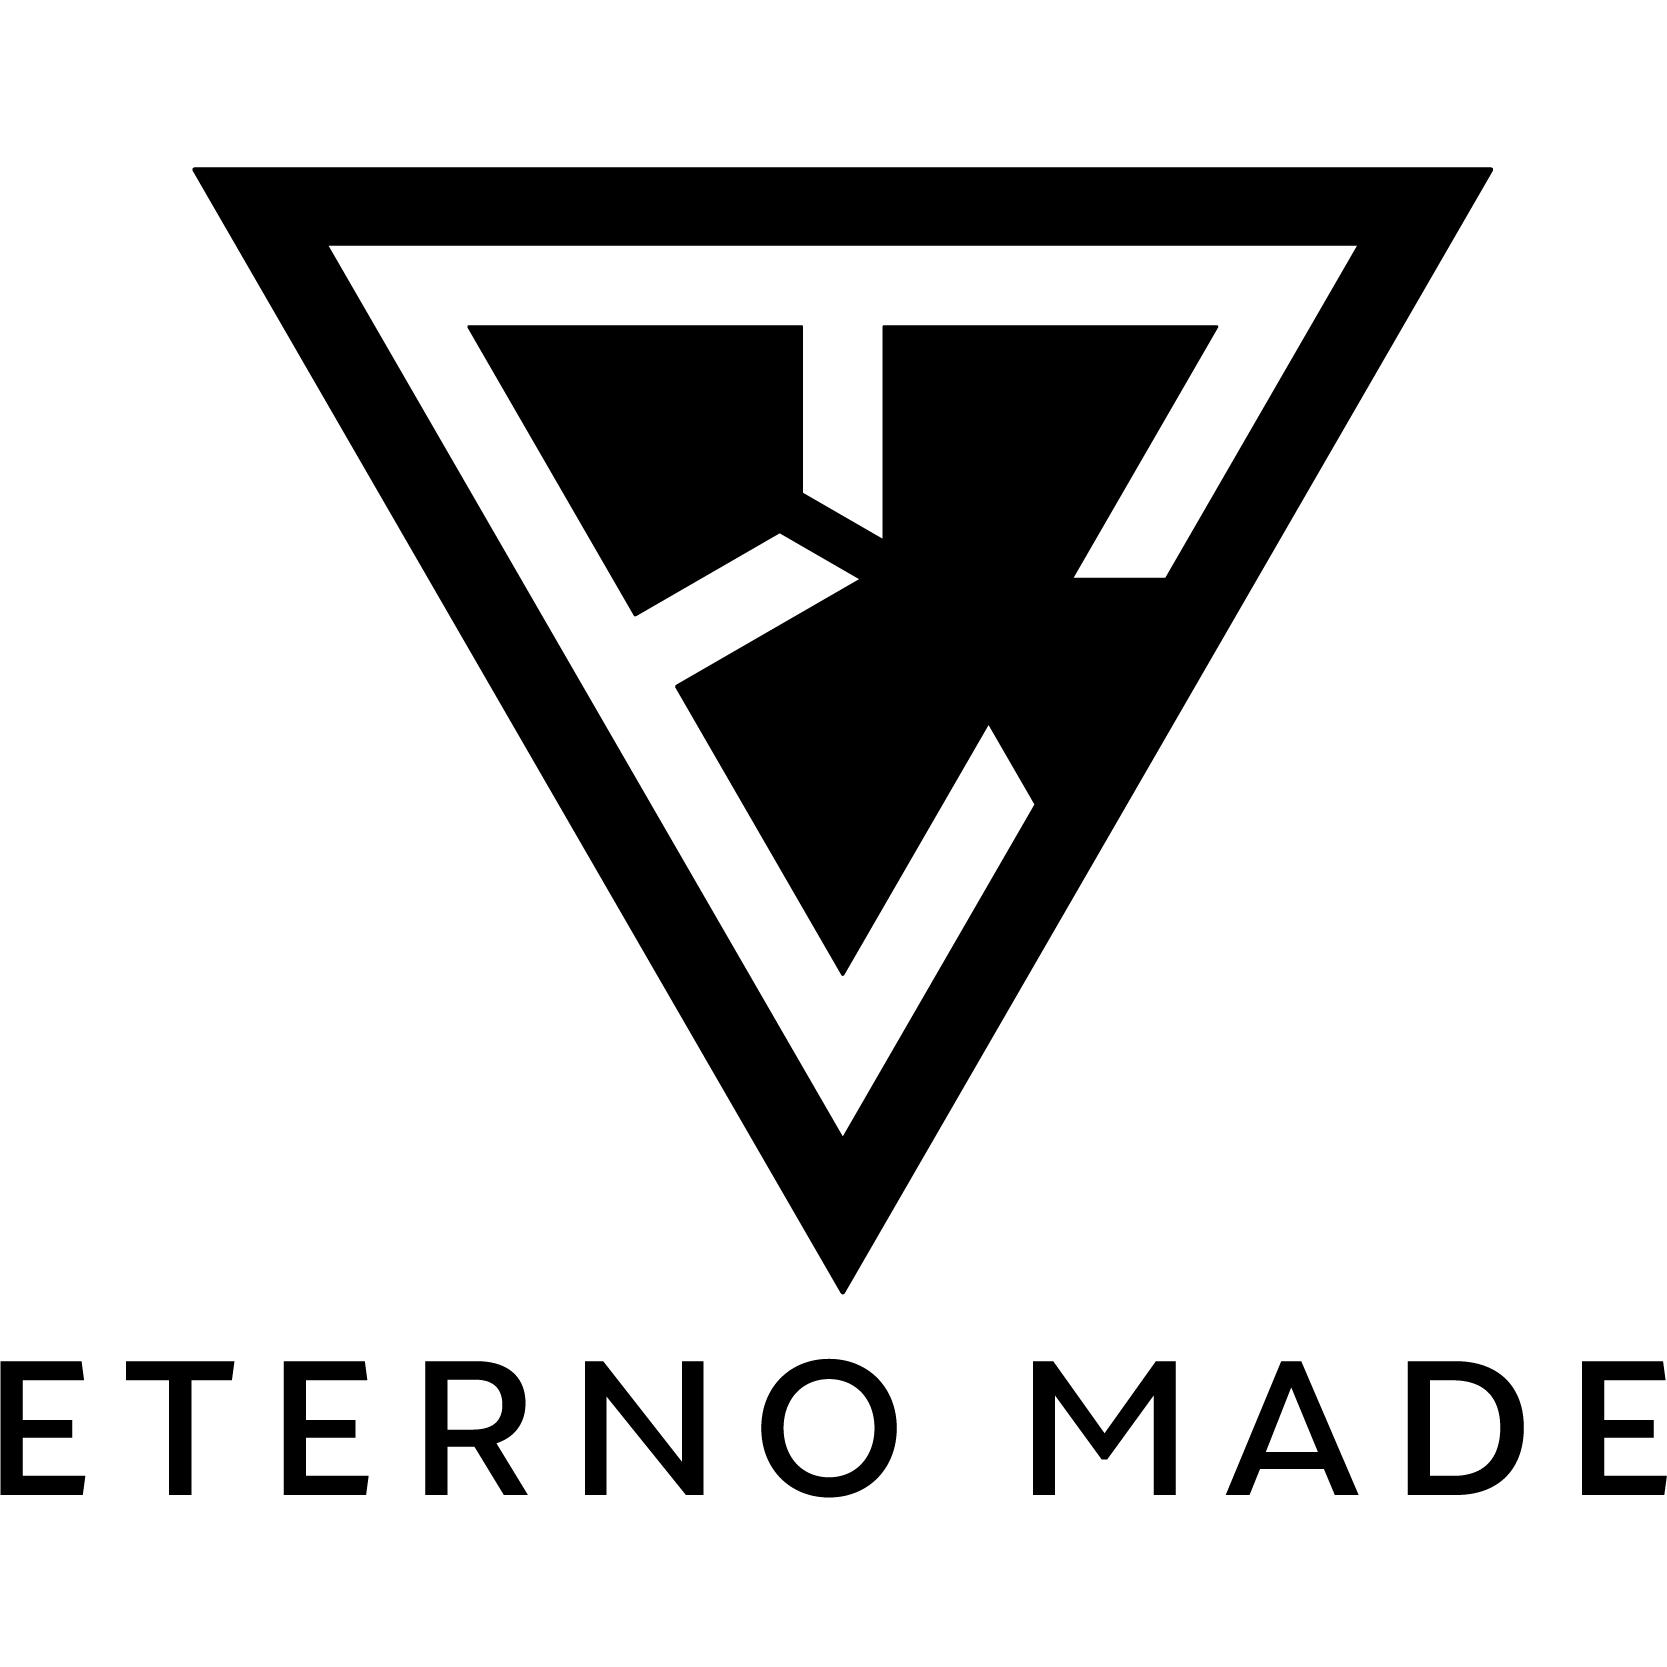 Eterno Made Laser Engraving